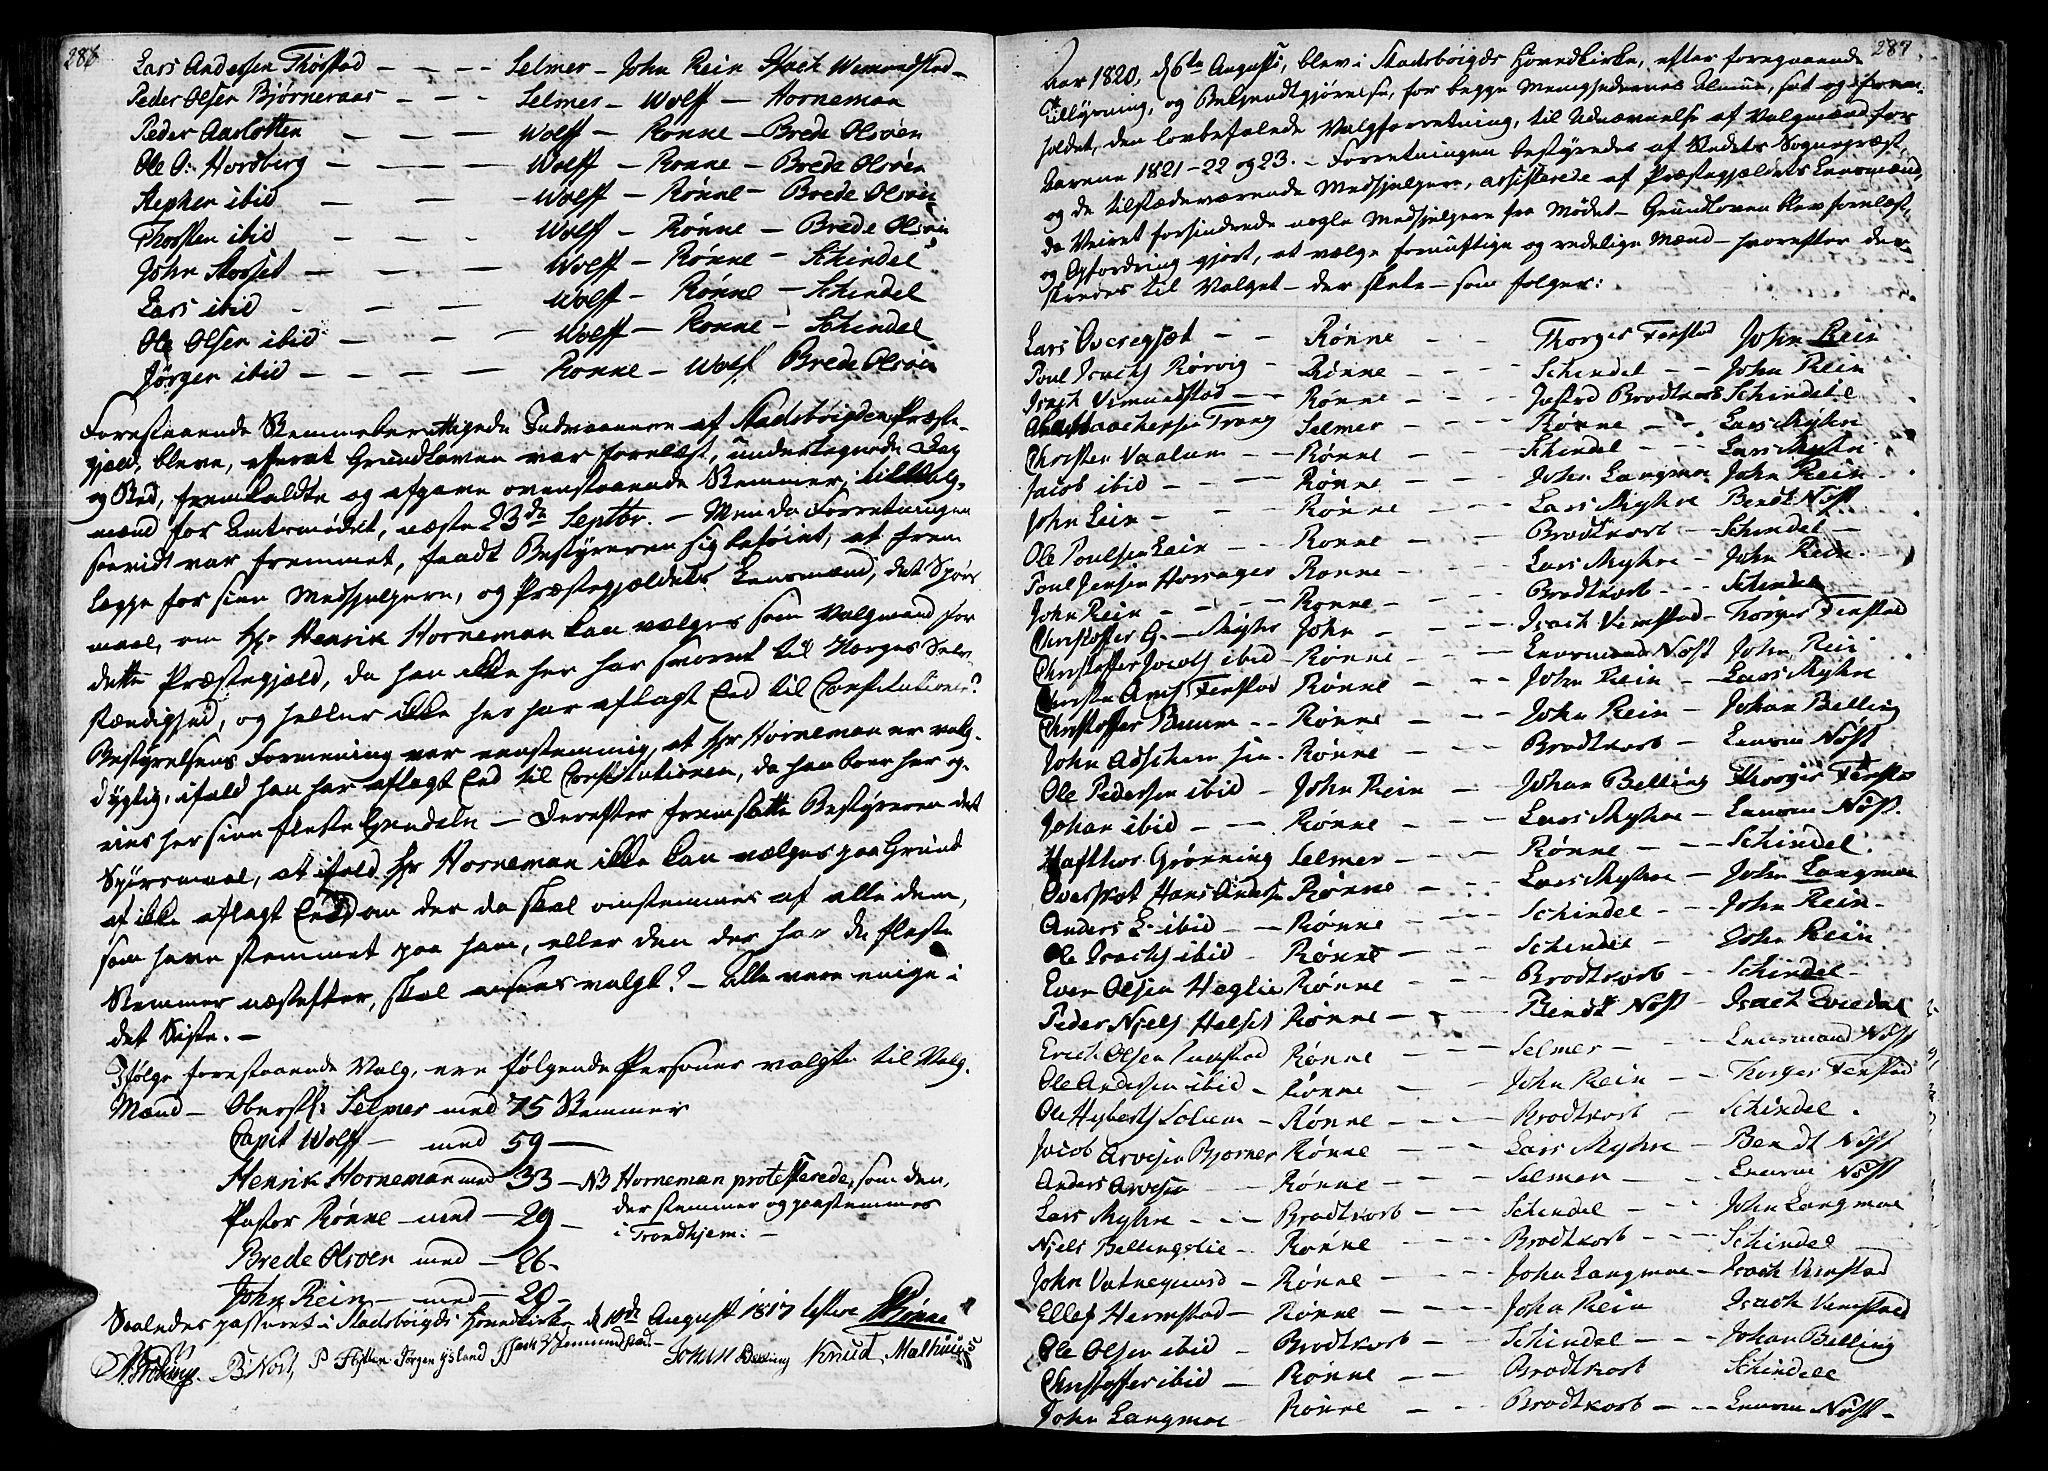 SAT, Ministerialprotokoller, klokkerbøker og fødselsregistre - Sør-Trøndelag, 646/L0607: Ministerialbok nr. 646A05, 1806-1815, s. 286-287